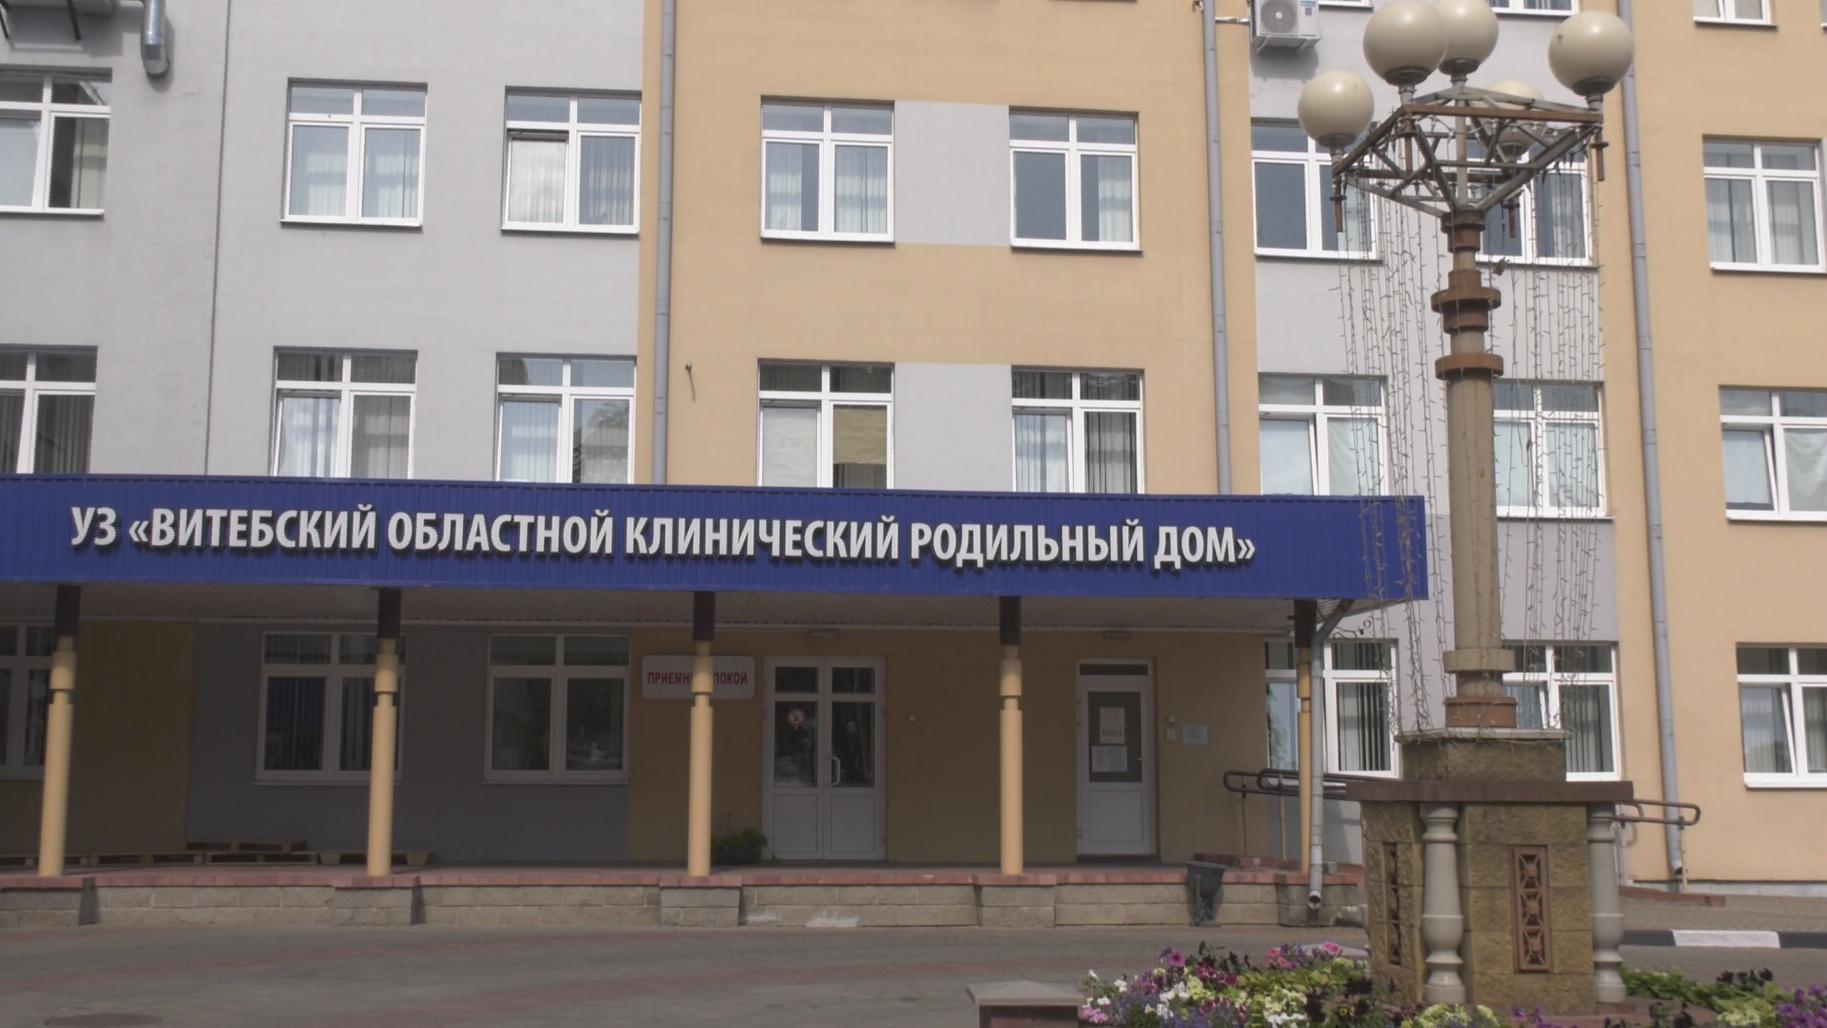 roddom - Подарки от «Белой Руси» получили пациенты роддома в Витебске (видео)